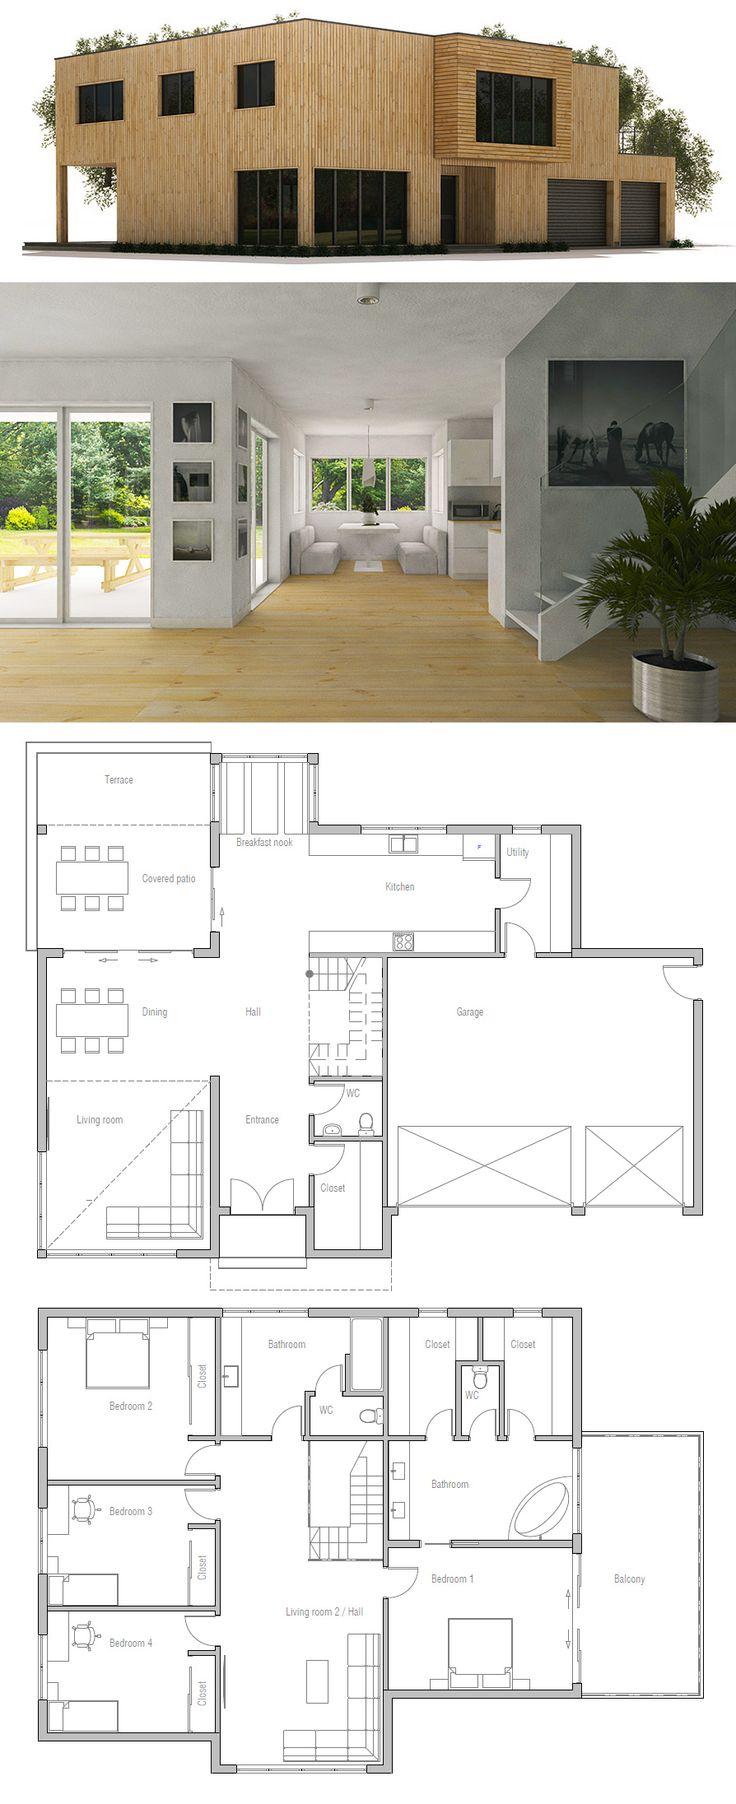 540 mejores imágenes de casas planos en pinterest | arquitectura